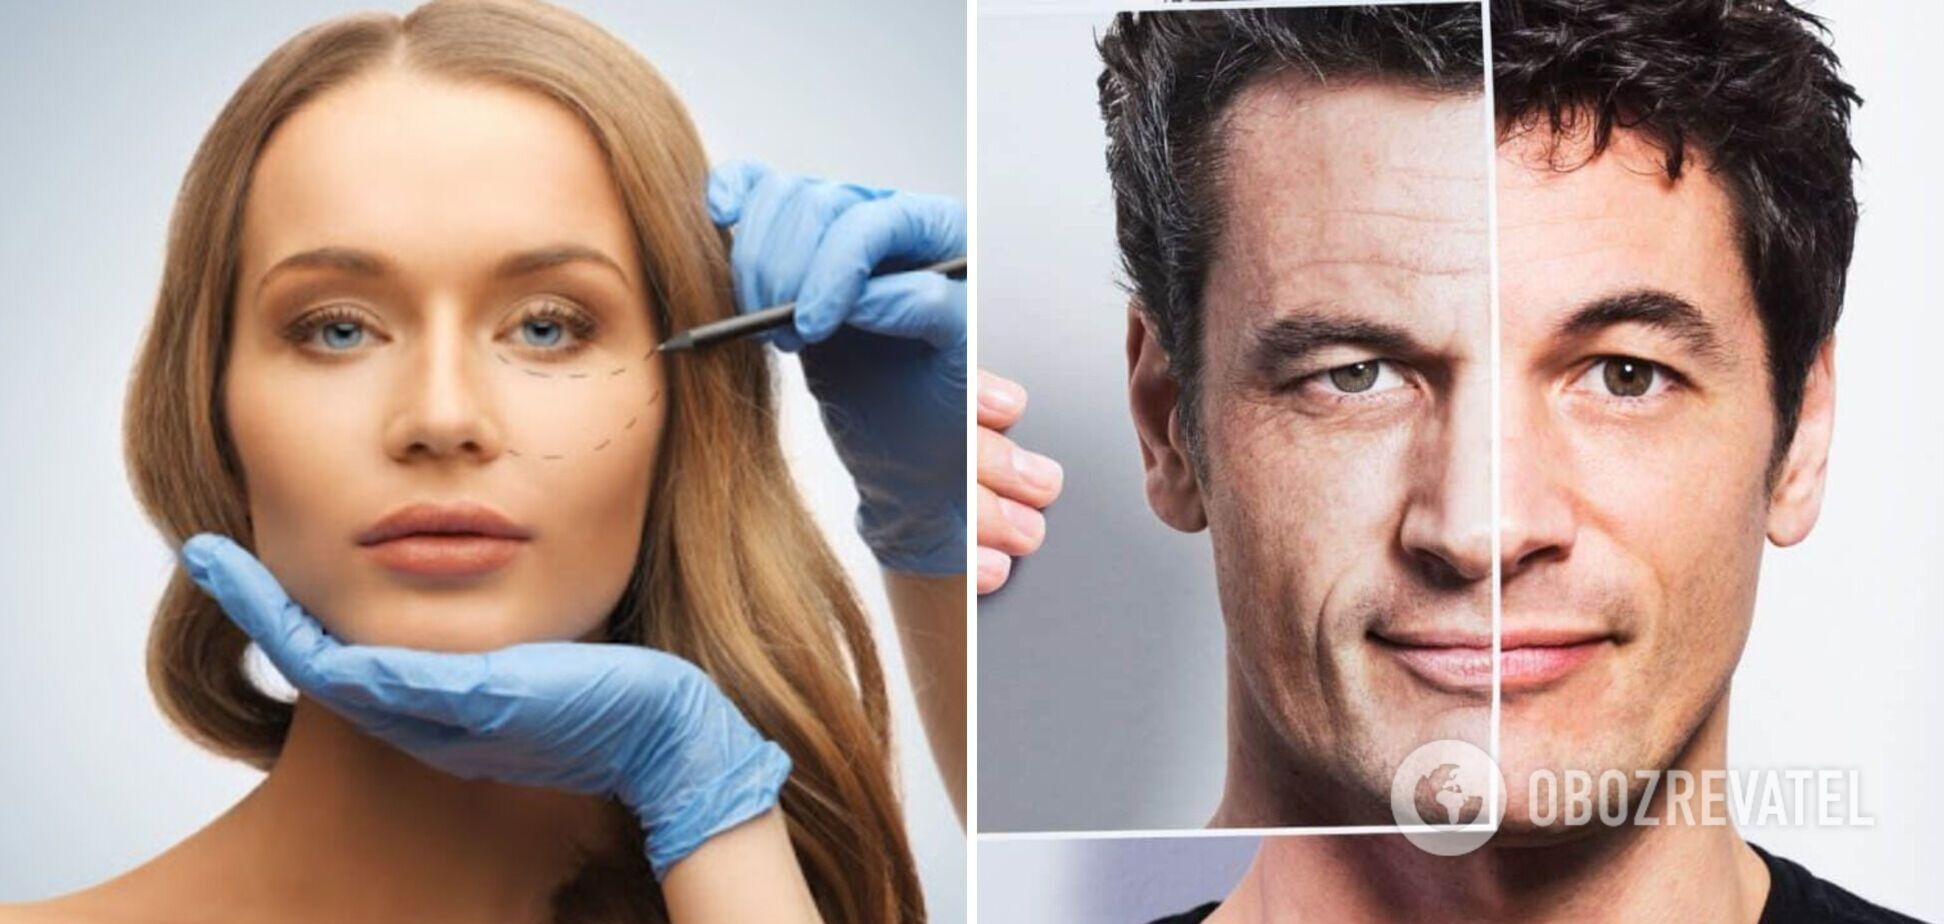 Лисьи глазки и змеиный язык: самые трешевые запросы пластическому хирургу